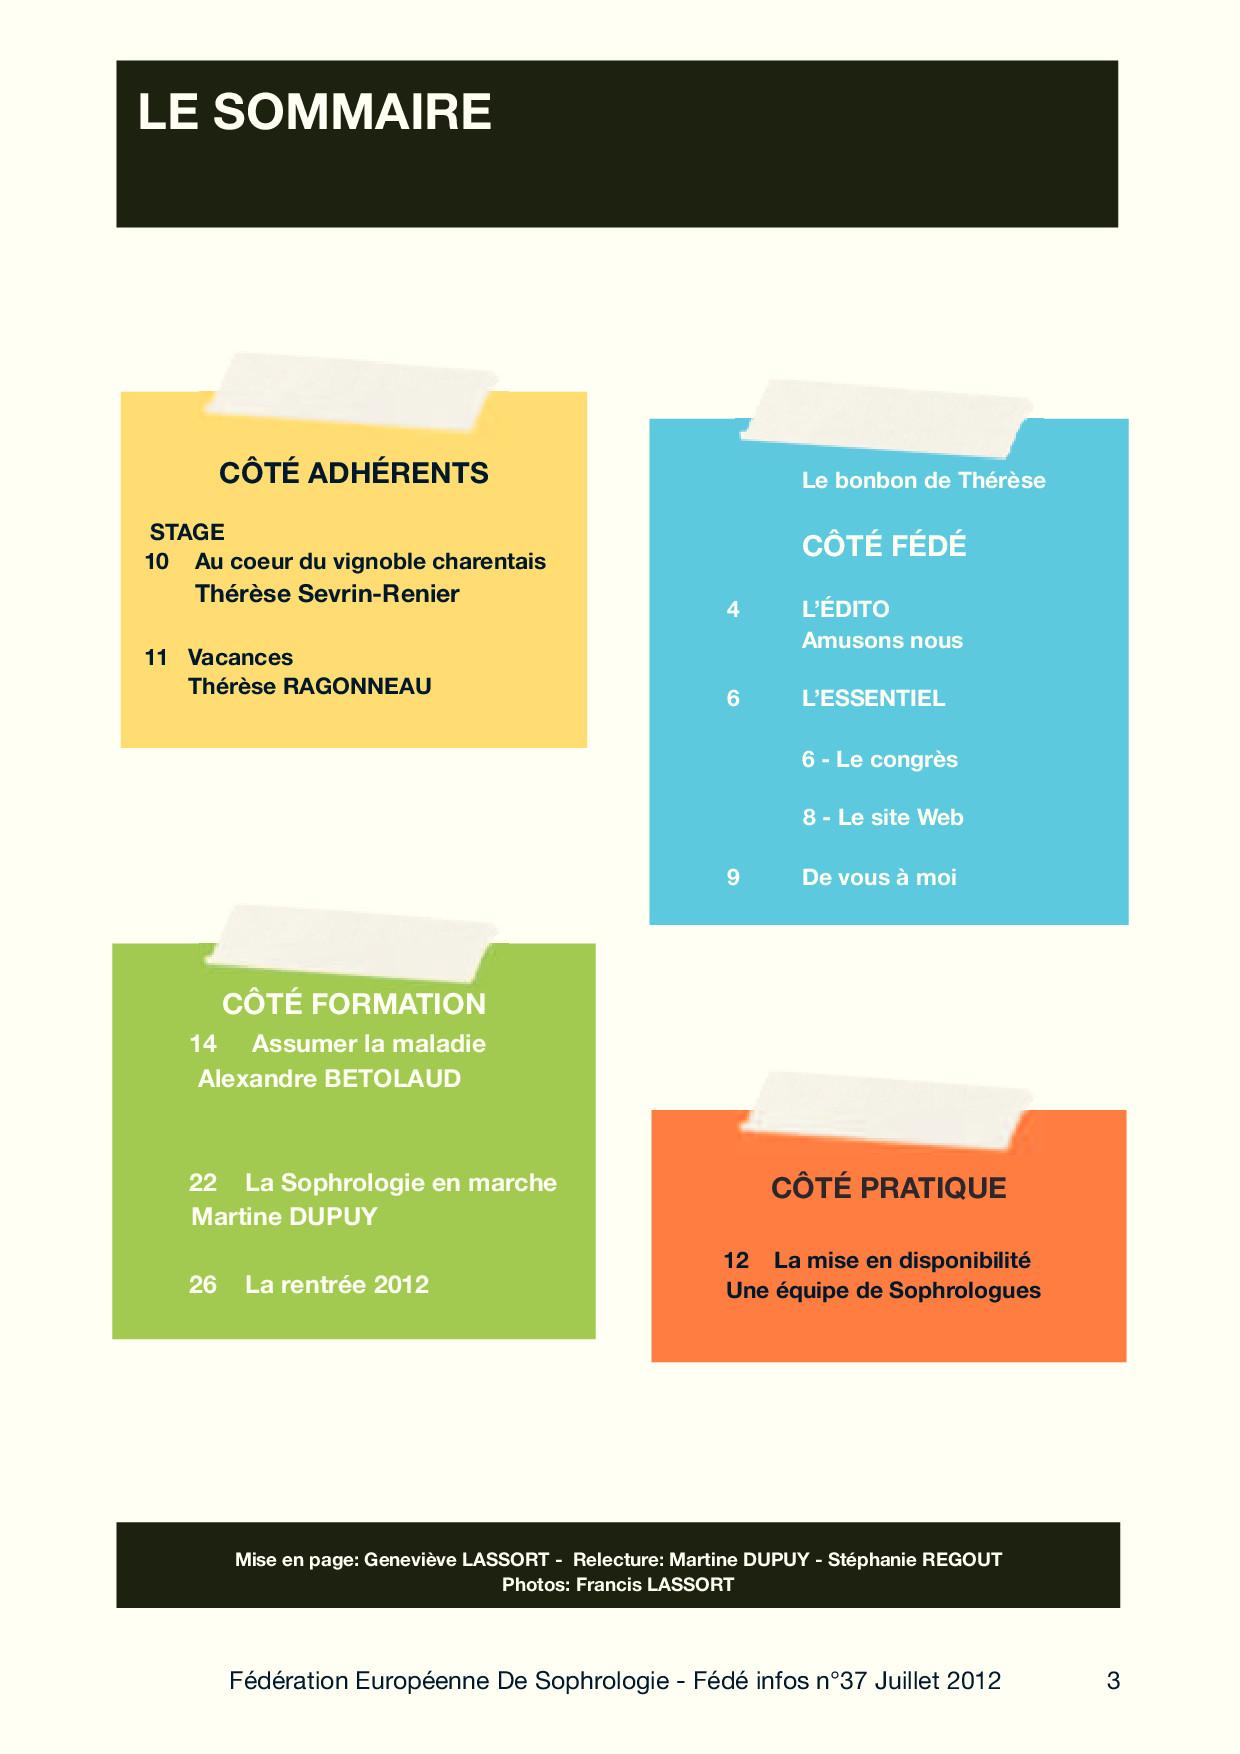 Sommaire Fédé Infos N°37